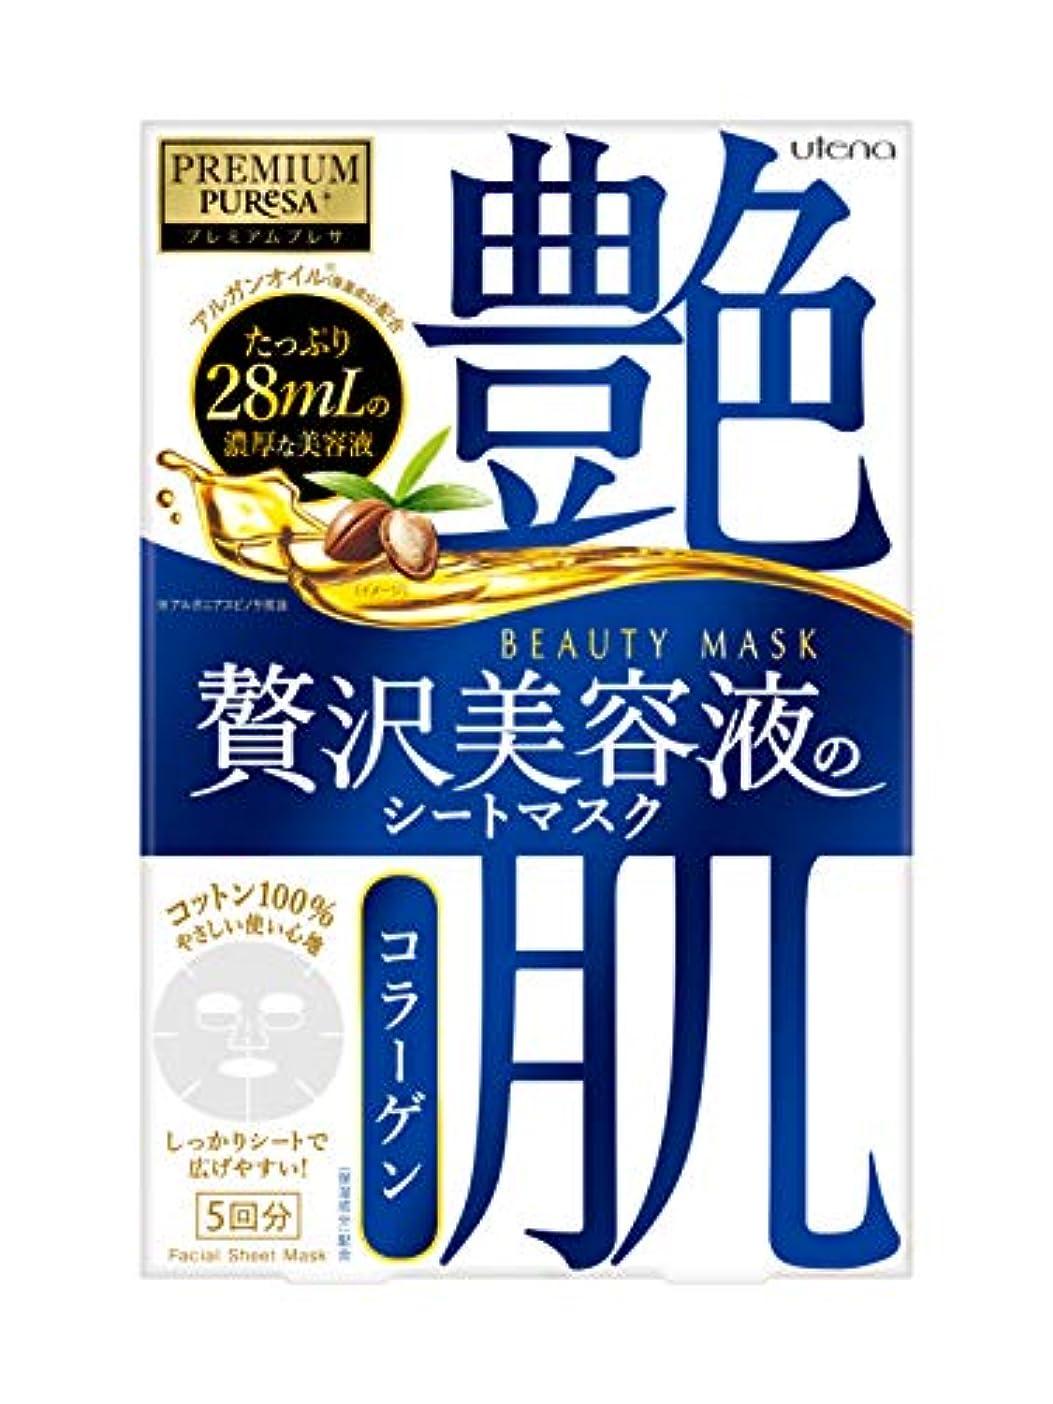 うれしい名詞誕生日【Amazon.co.jp限定】大容量 プレミアムプレサ ビューティーマスク コラーゲン(5回分)